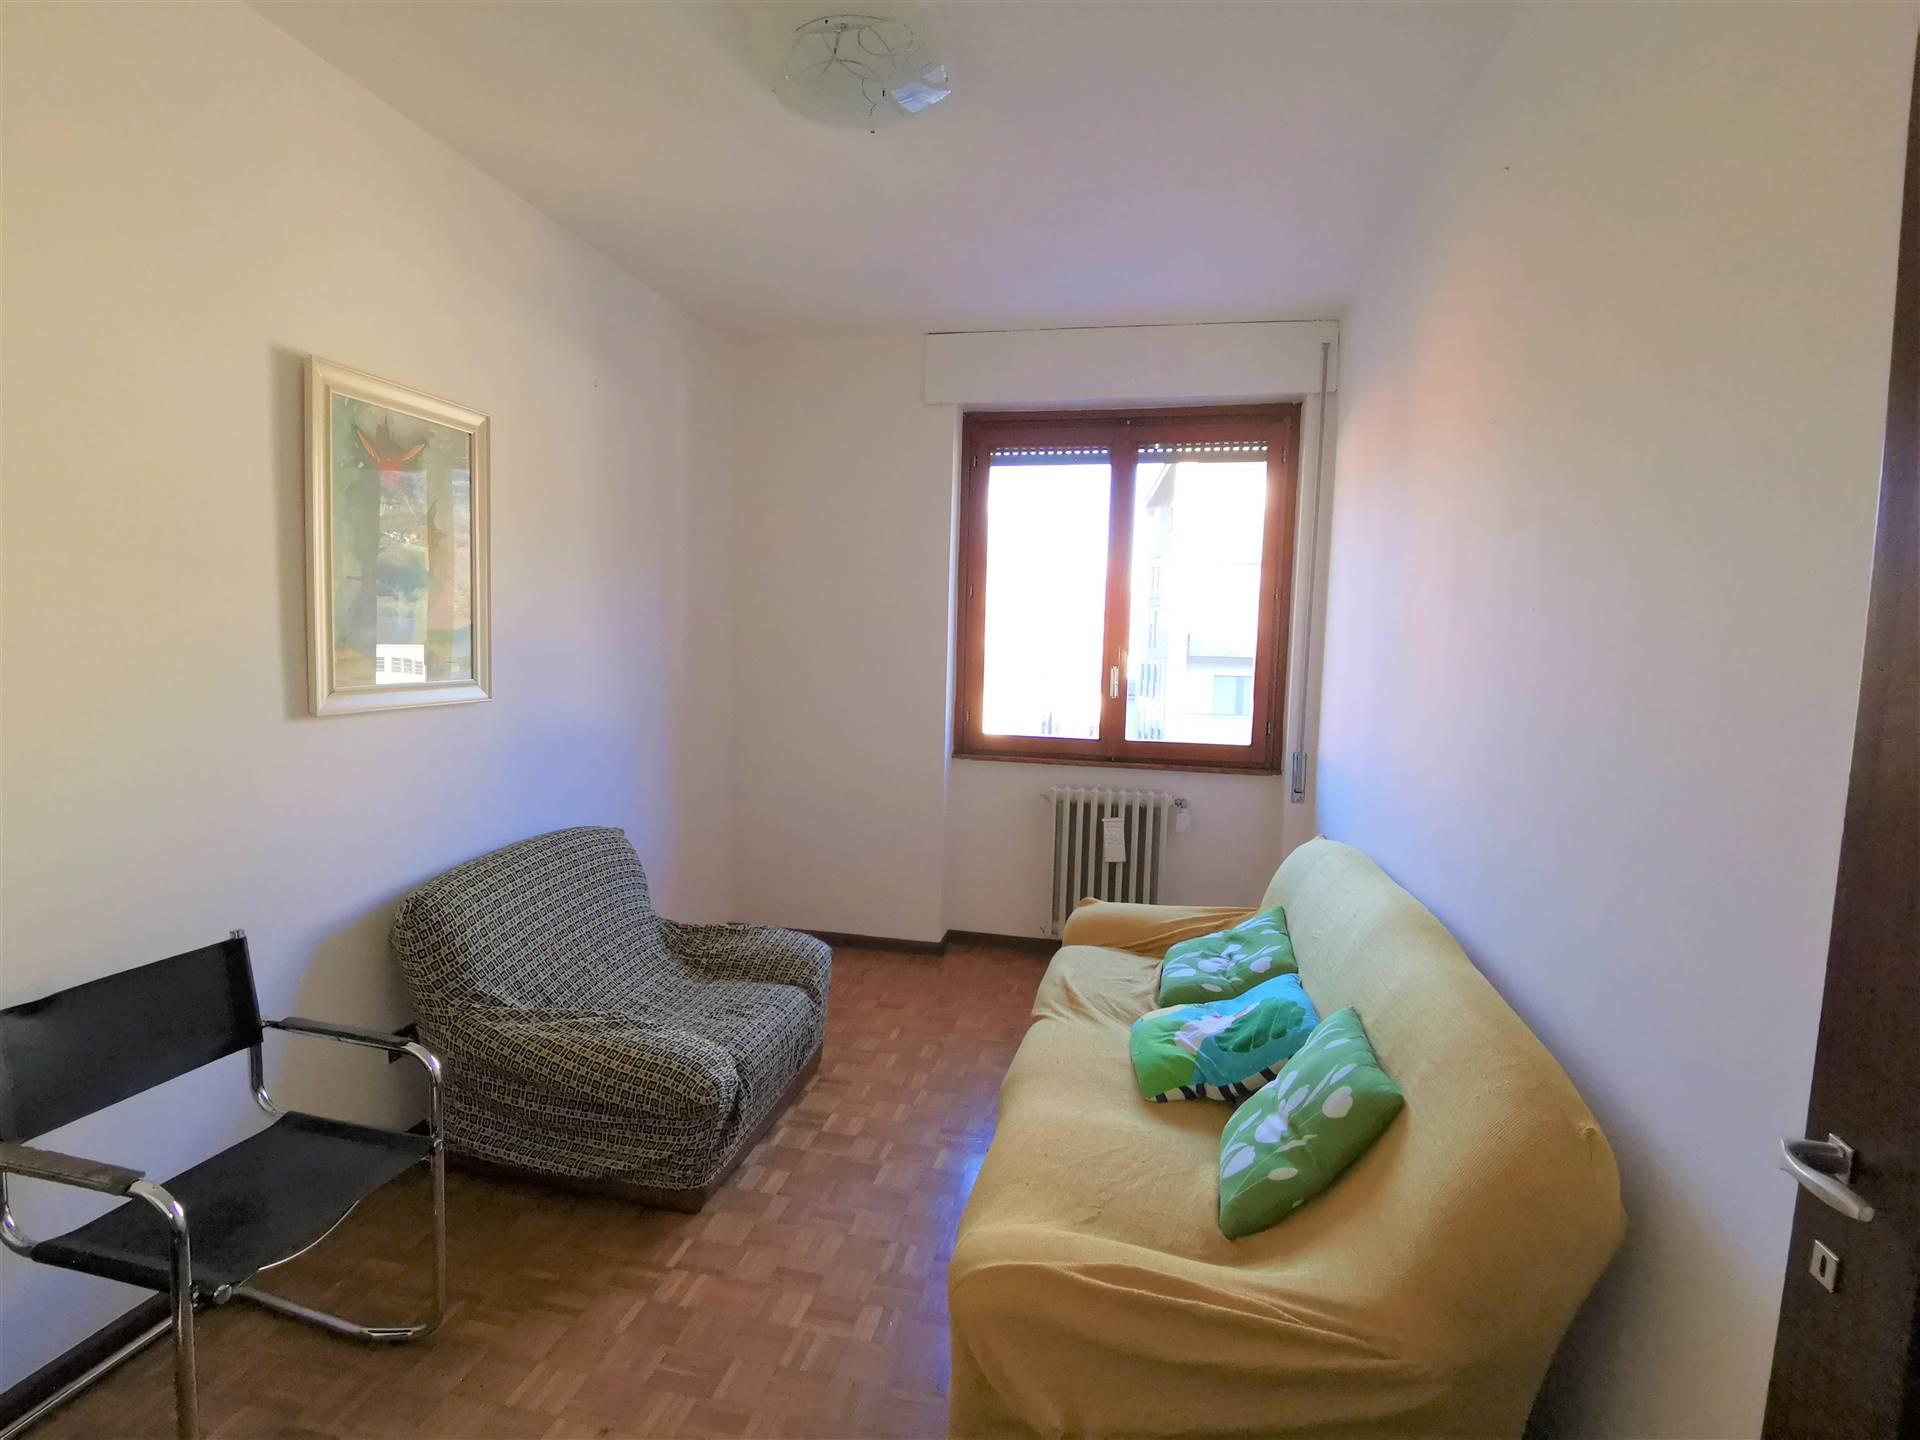 Appartamento in affitto a Sondrio, 3 locali, zona Località: SEMICENTRALE, prezzo € 350 | PortaleAgenzieImmobiliari.it